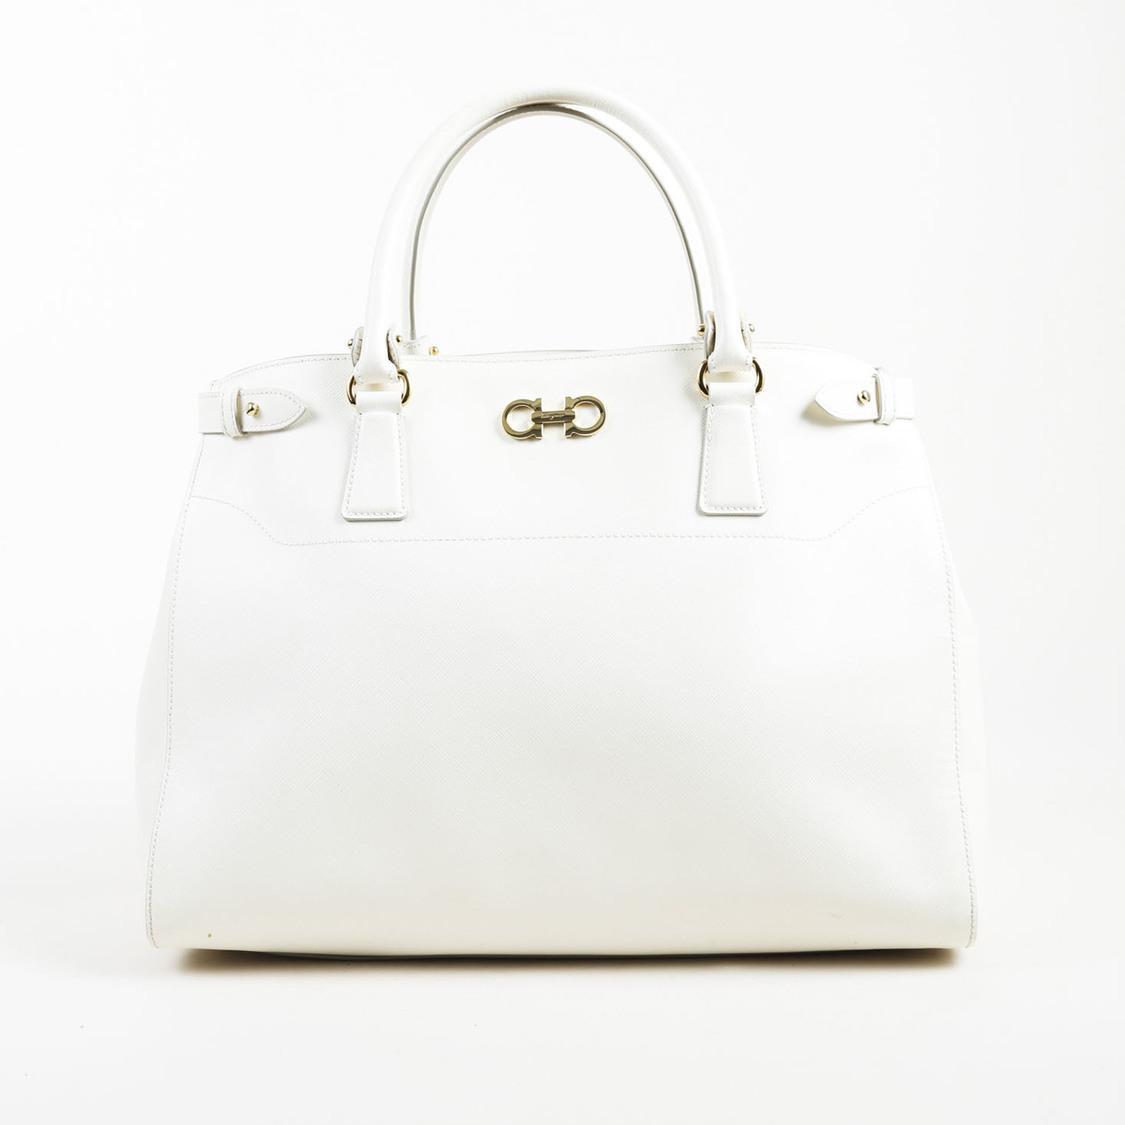 292f52b50b3f Ferragamo White Saffiano Leather Large